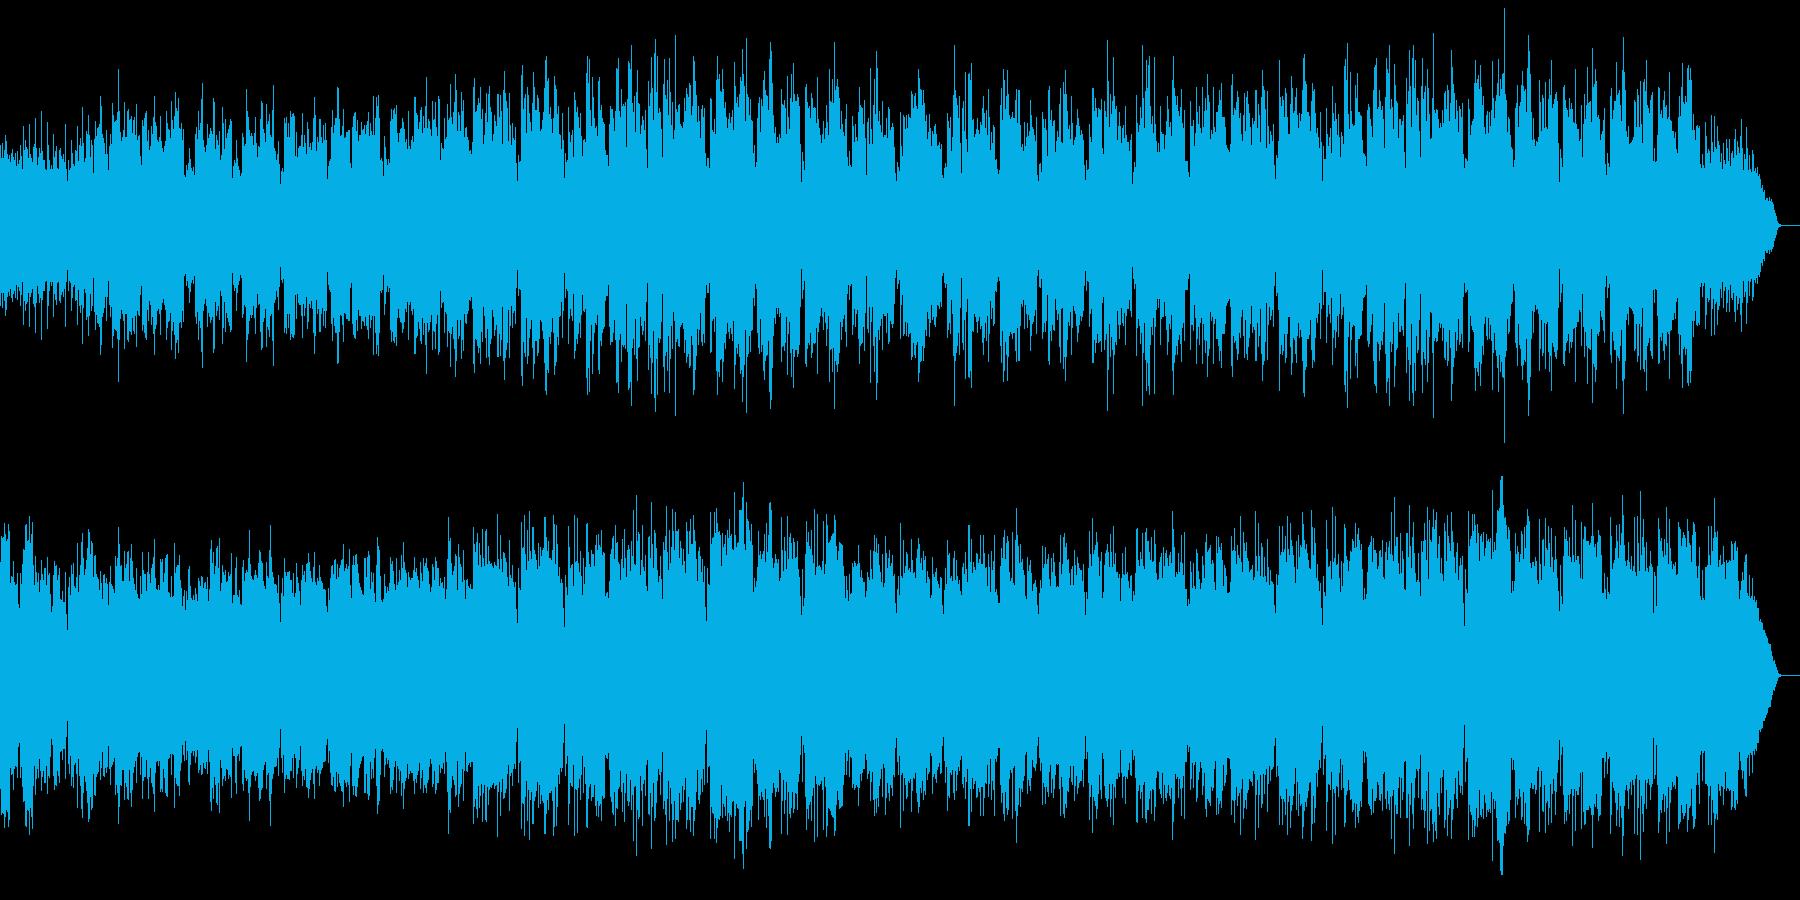 優しく包み込む様なサックスとピアノポップの再生済みの波形